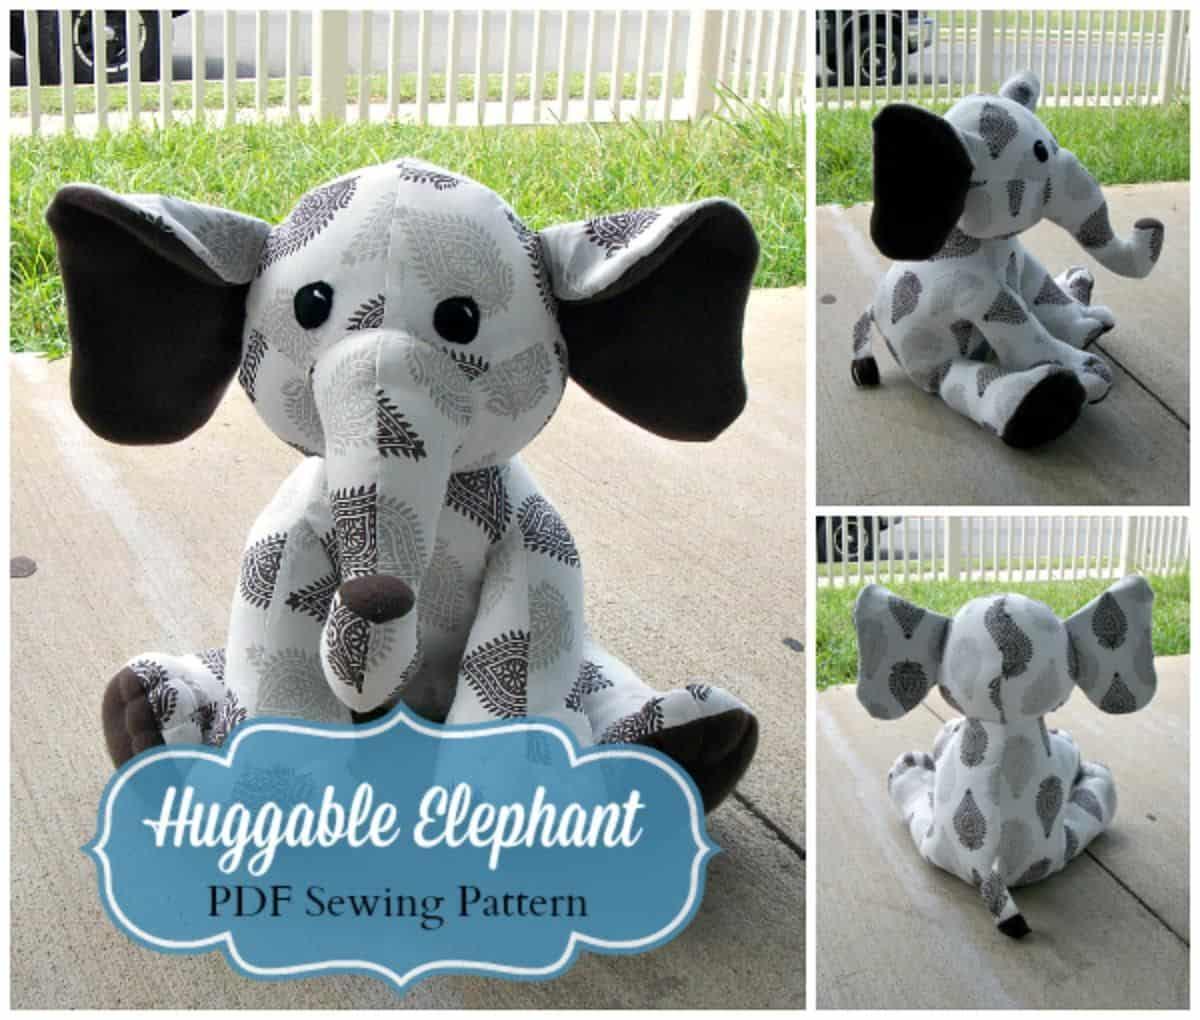 Huggable sewn elephant